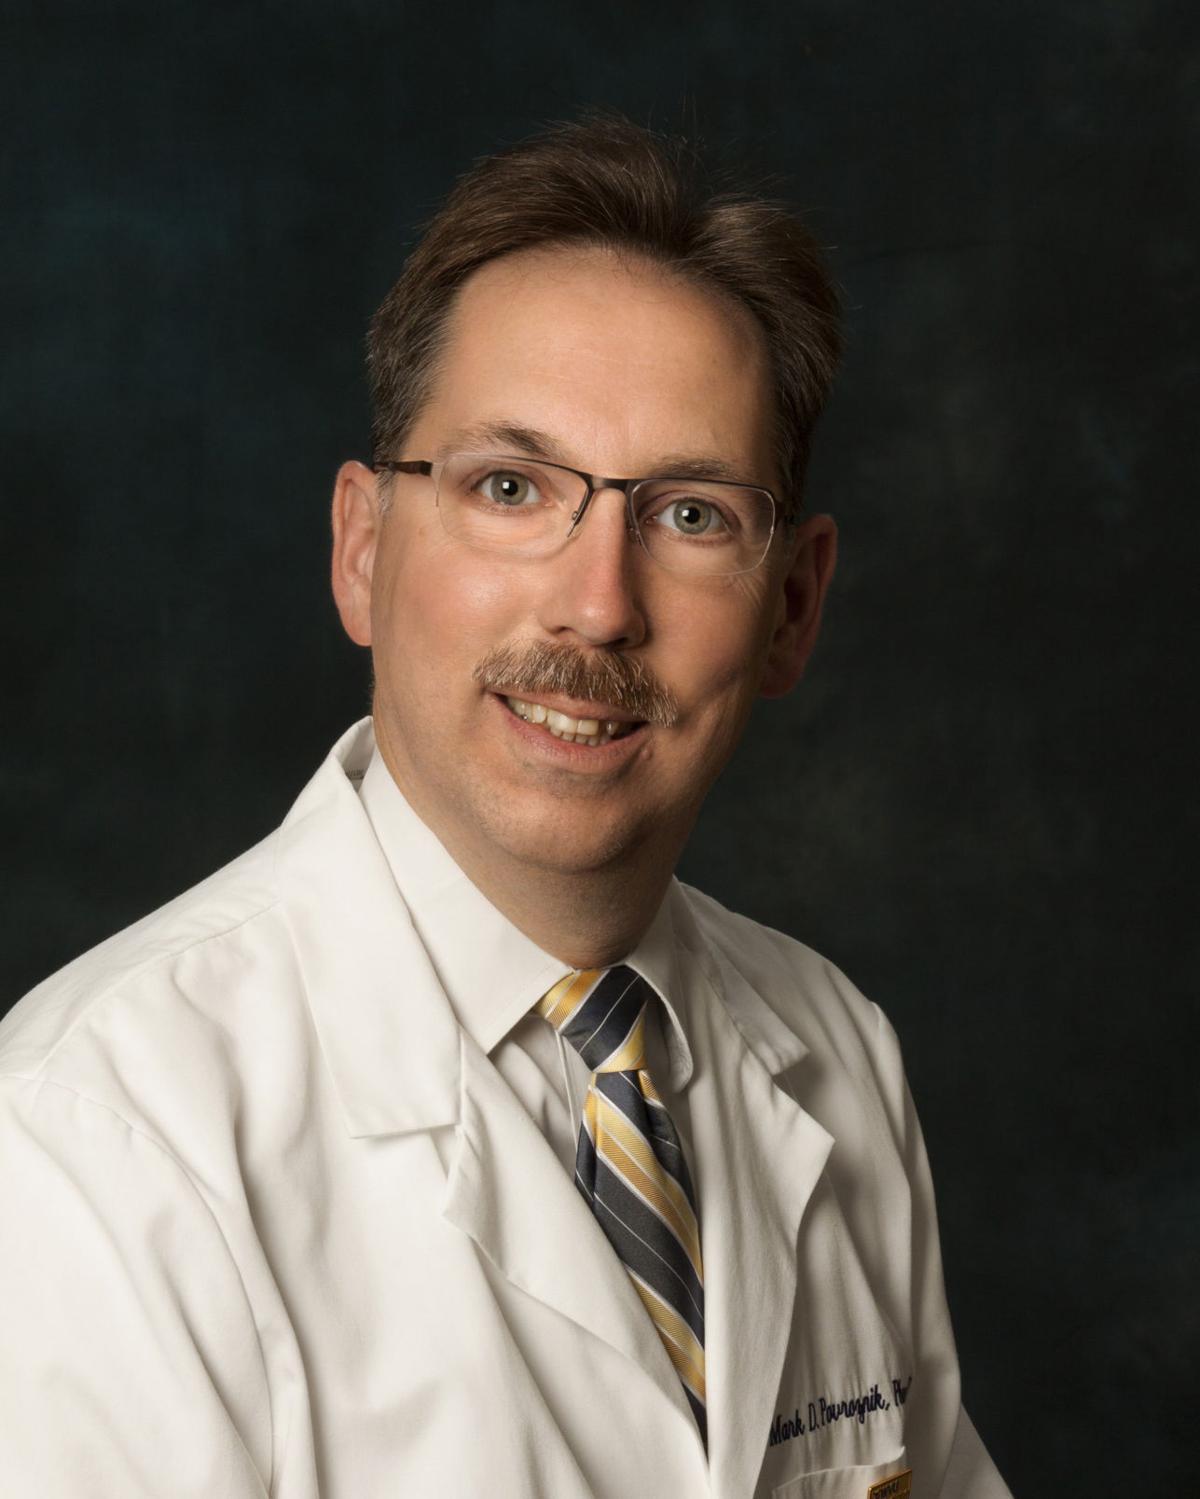 Dr. Mark Povroznik